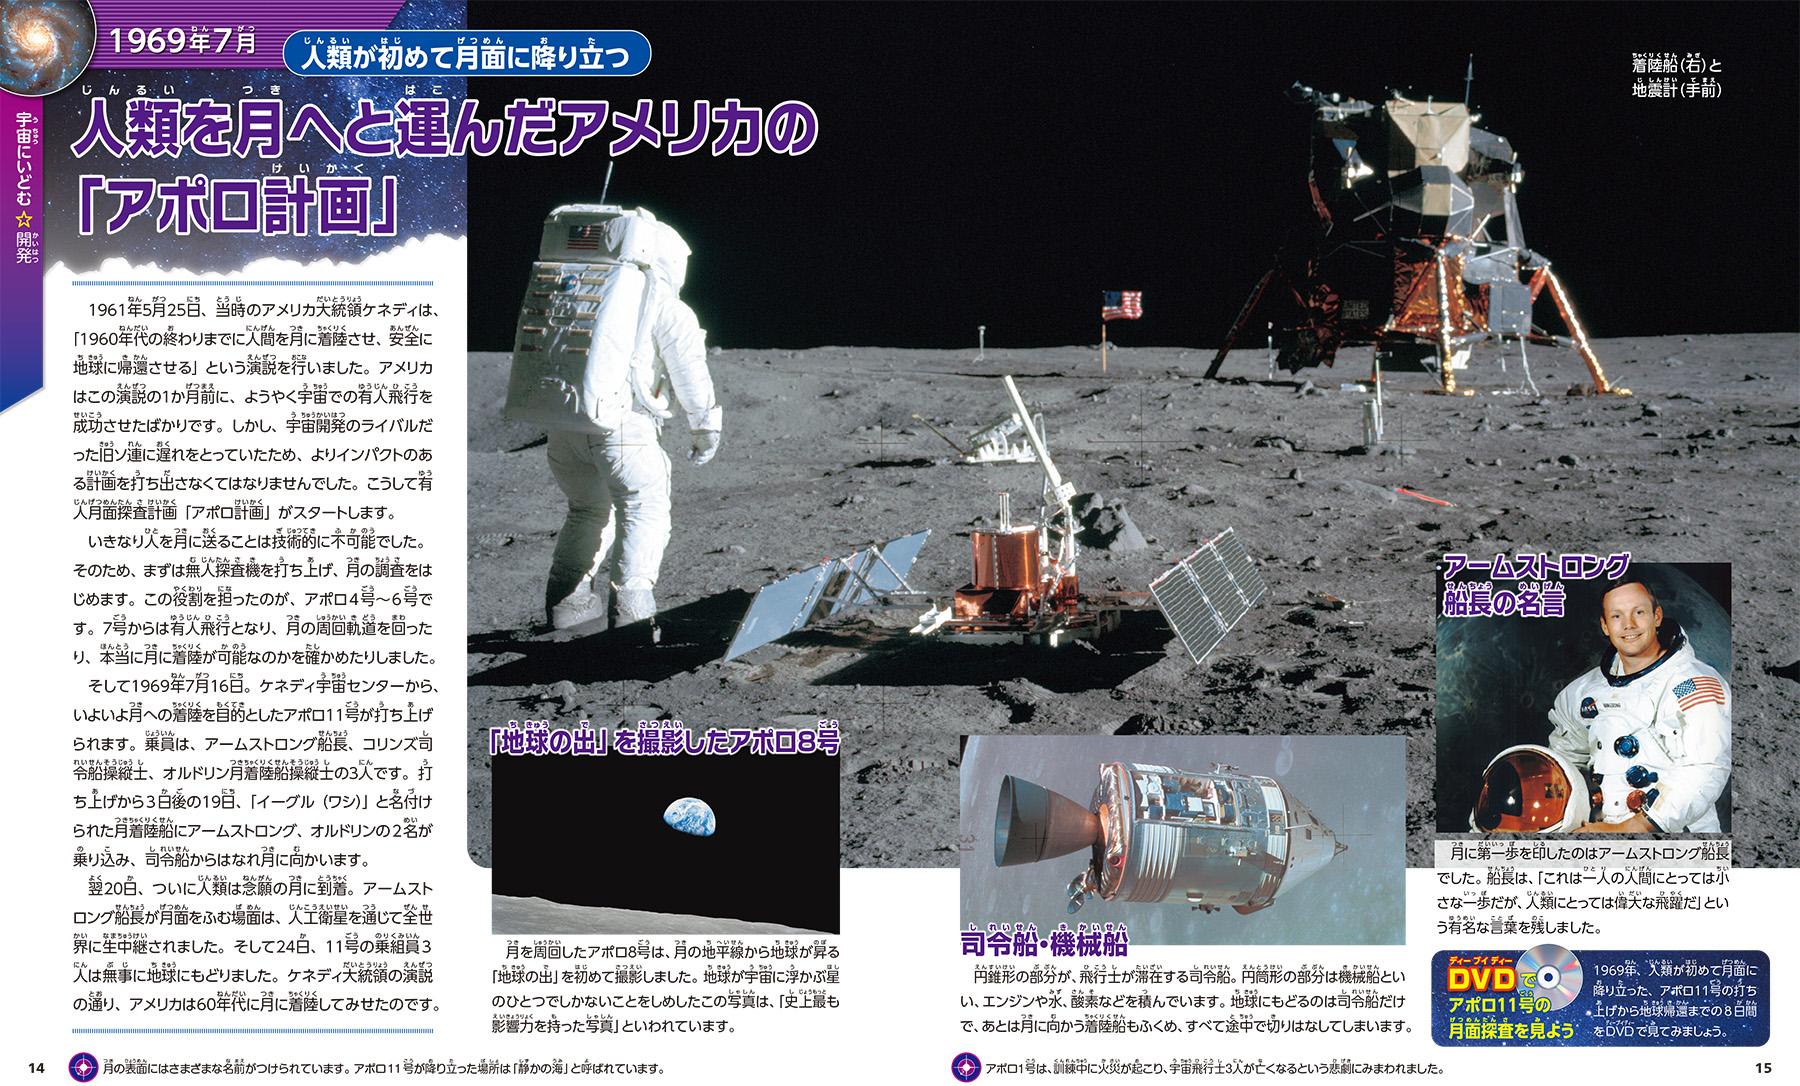 「アポロ計画」紙面